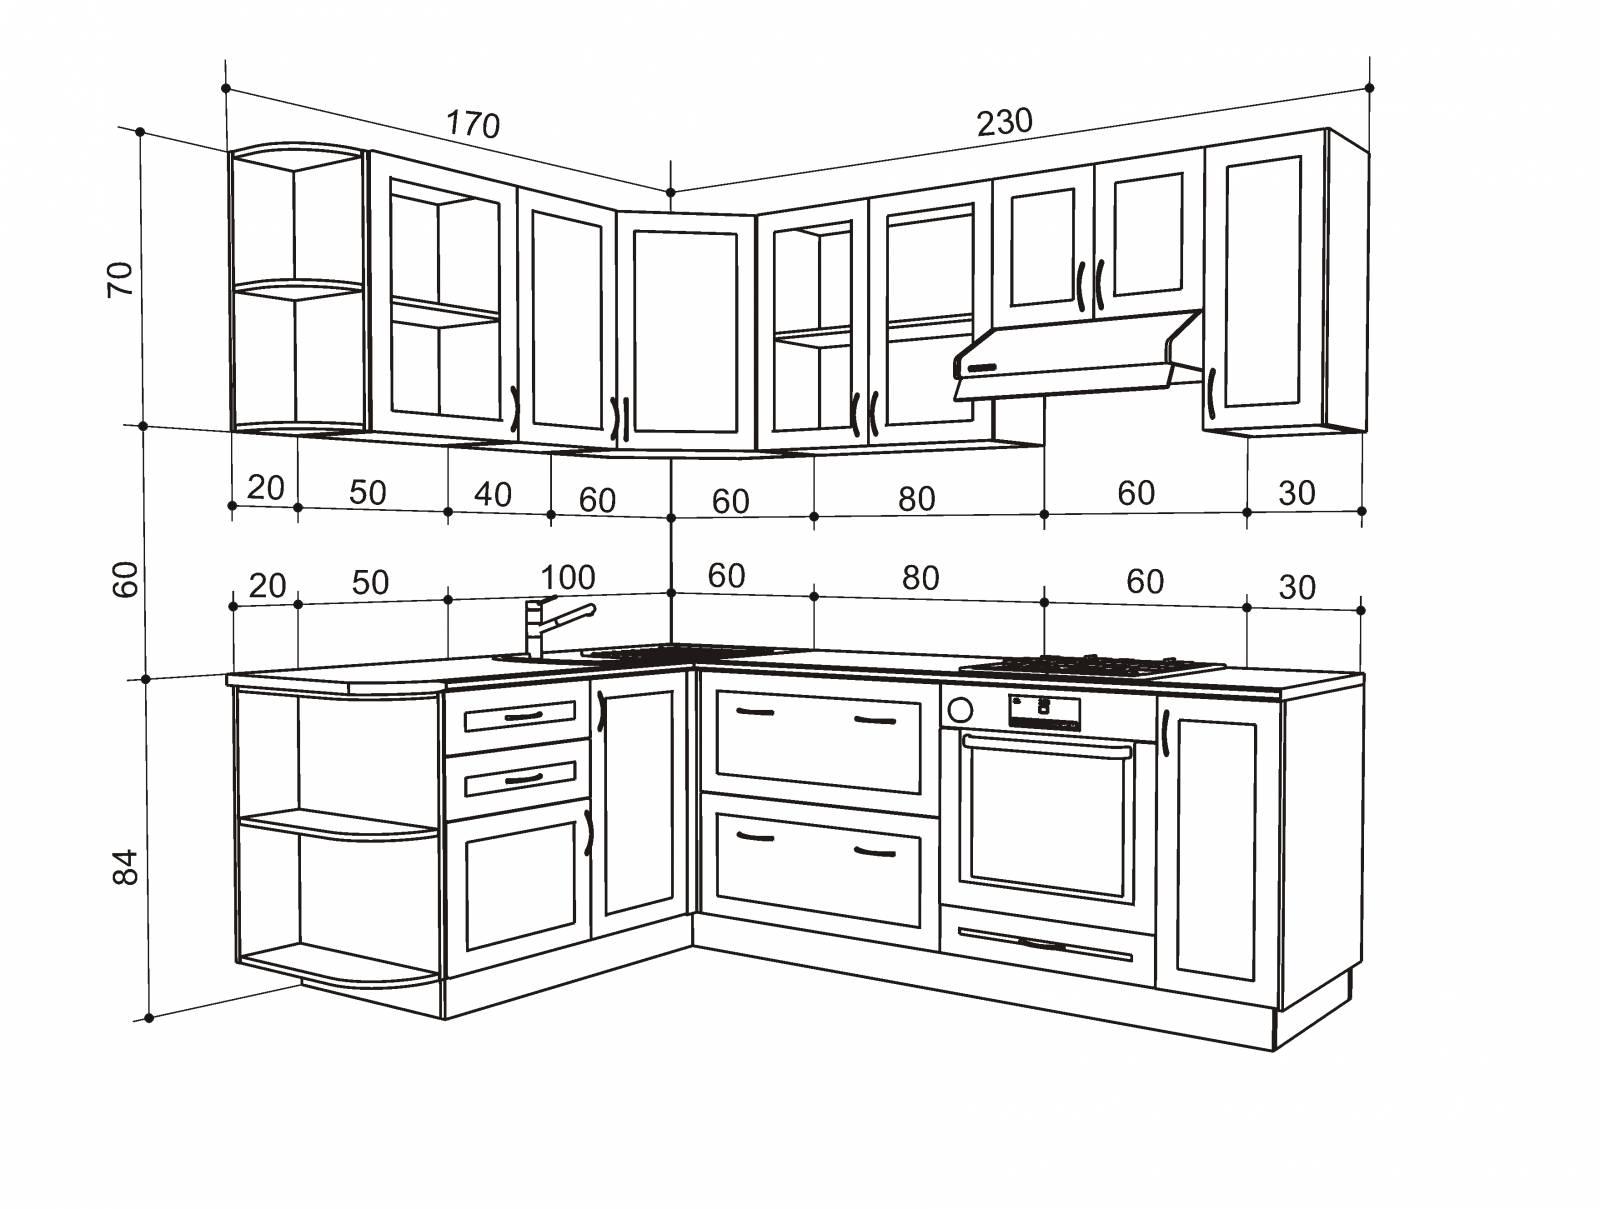 Чертеж кухни с размерами